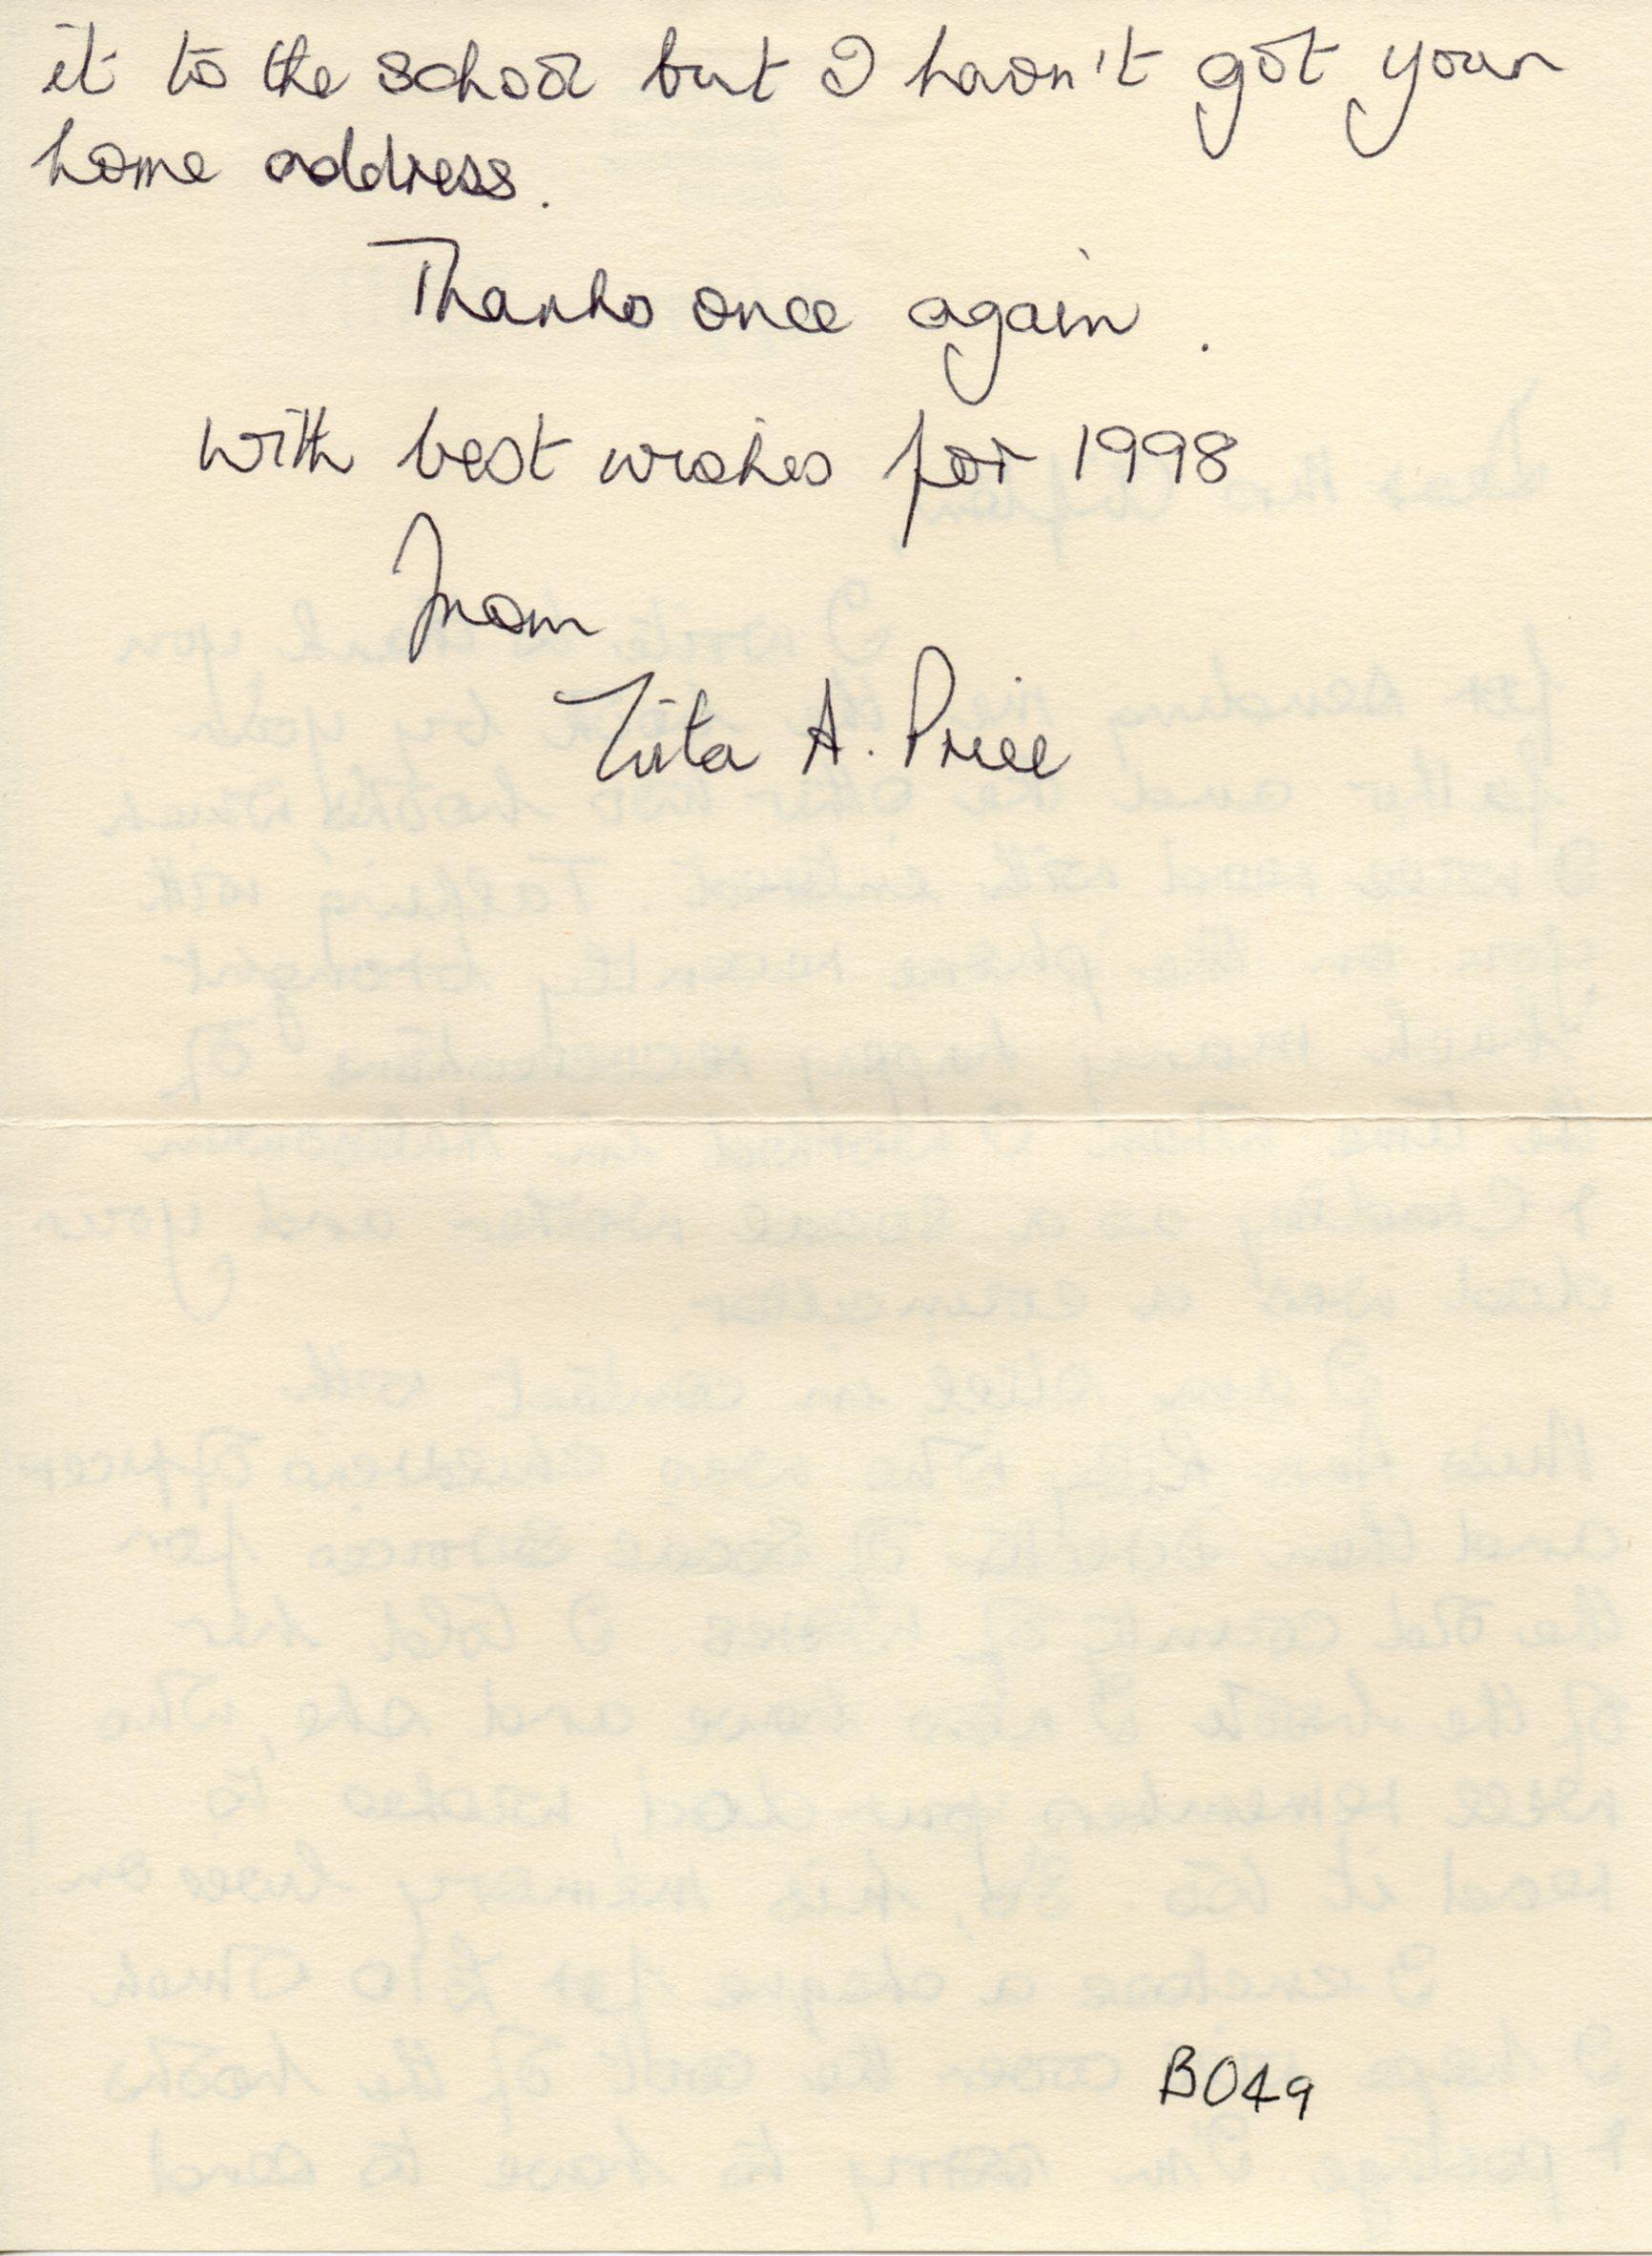 B049b Letter [Z-Price]1998